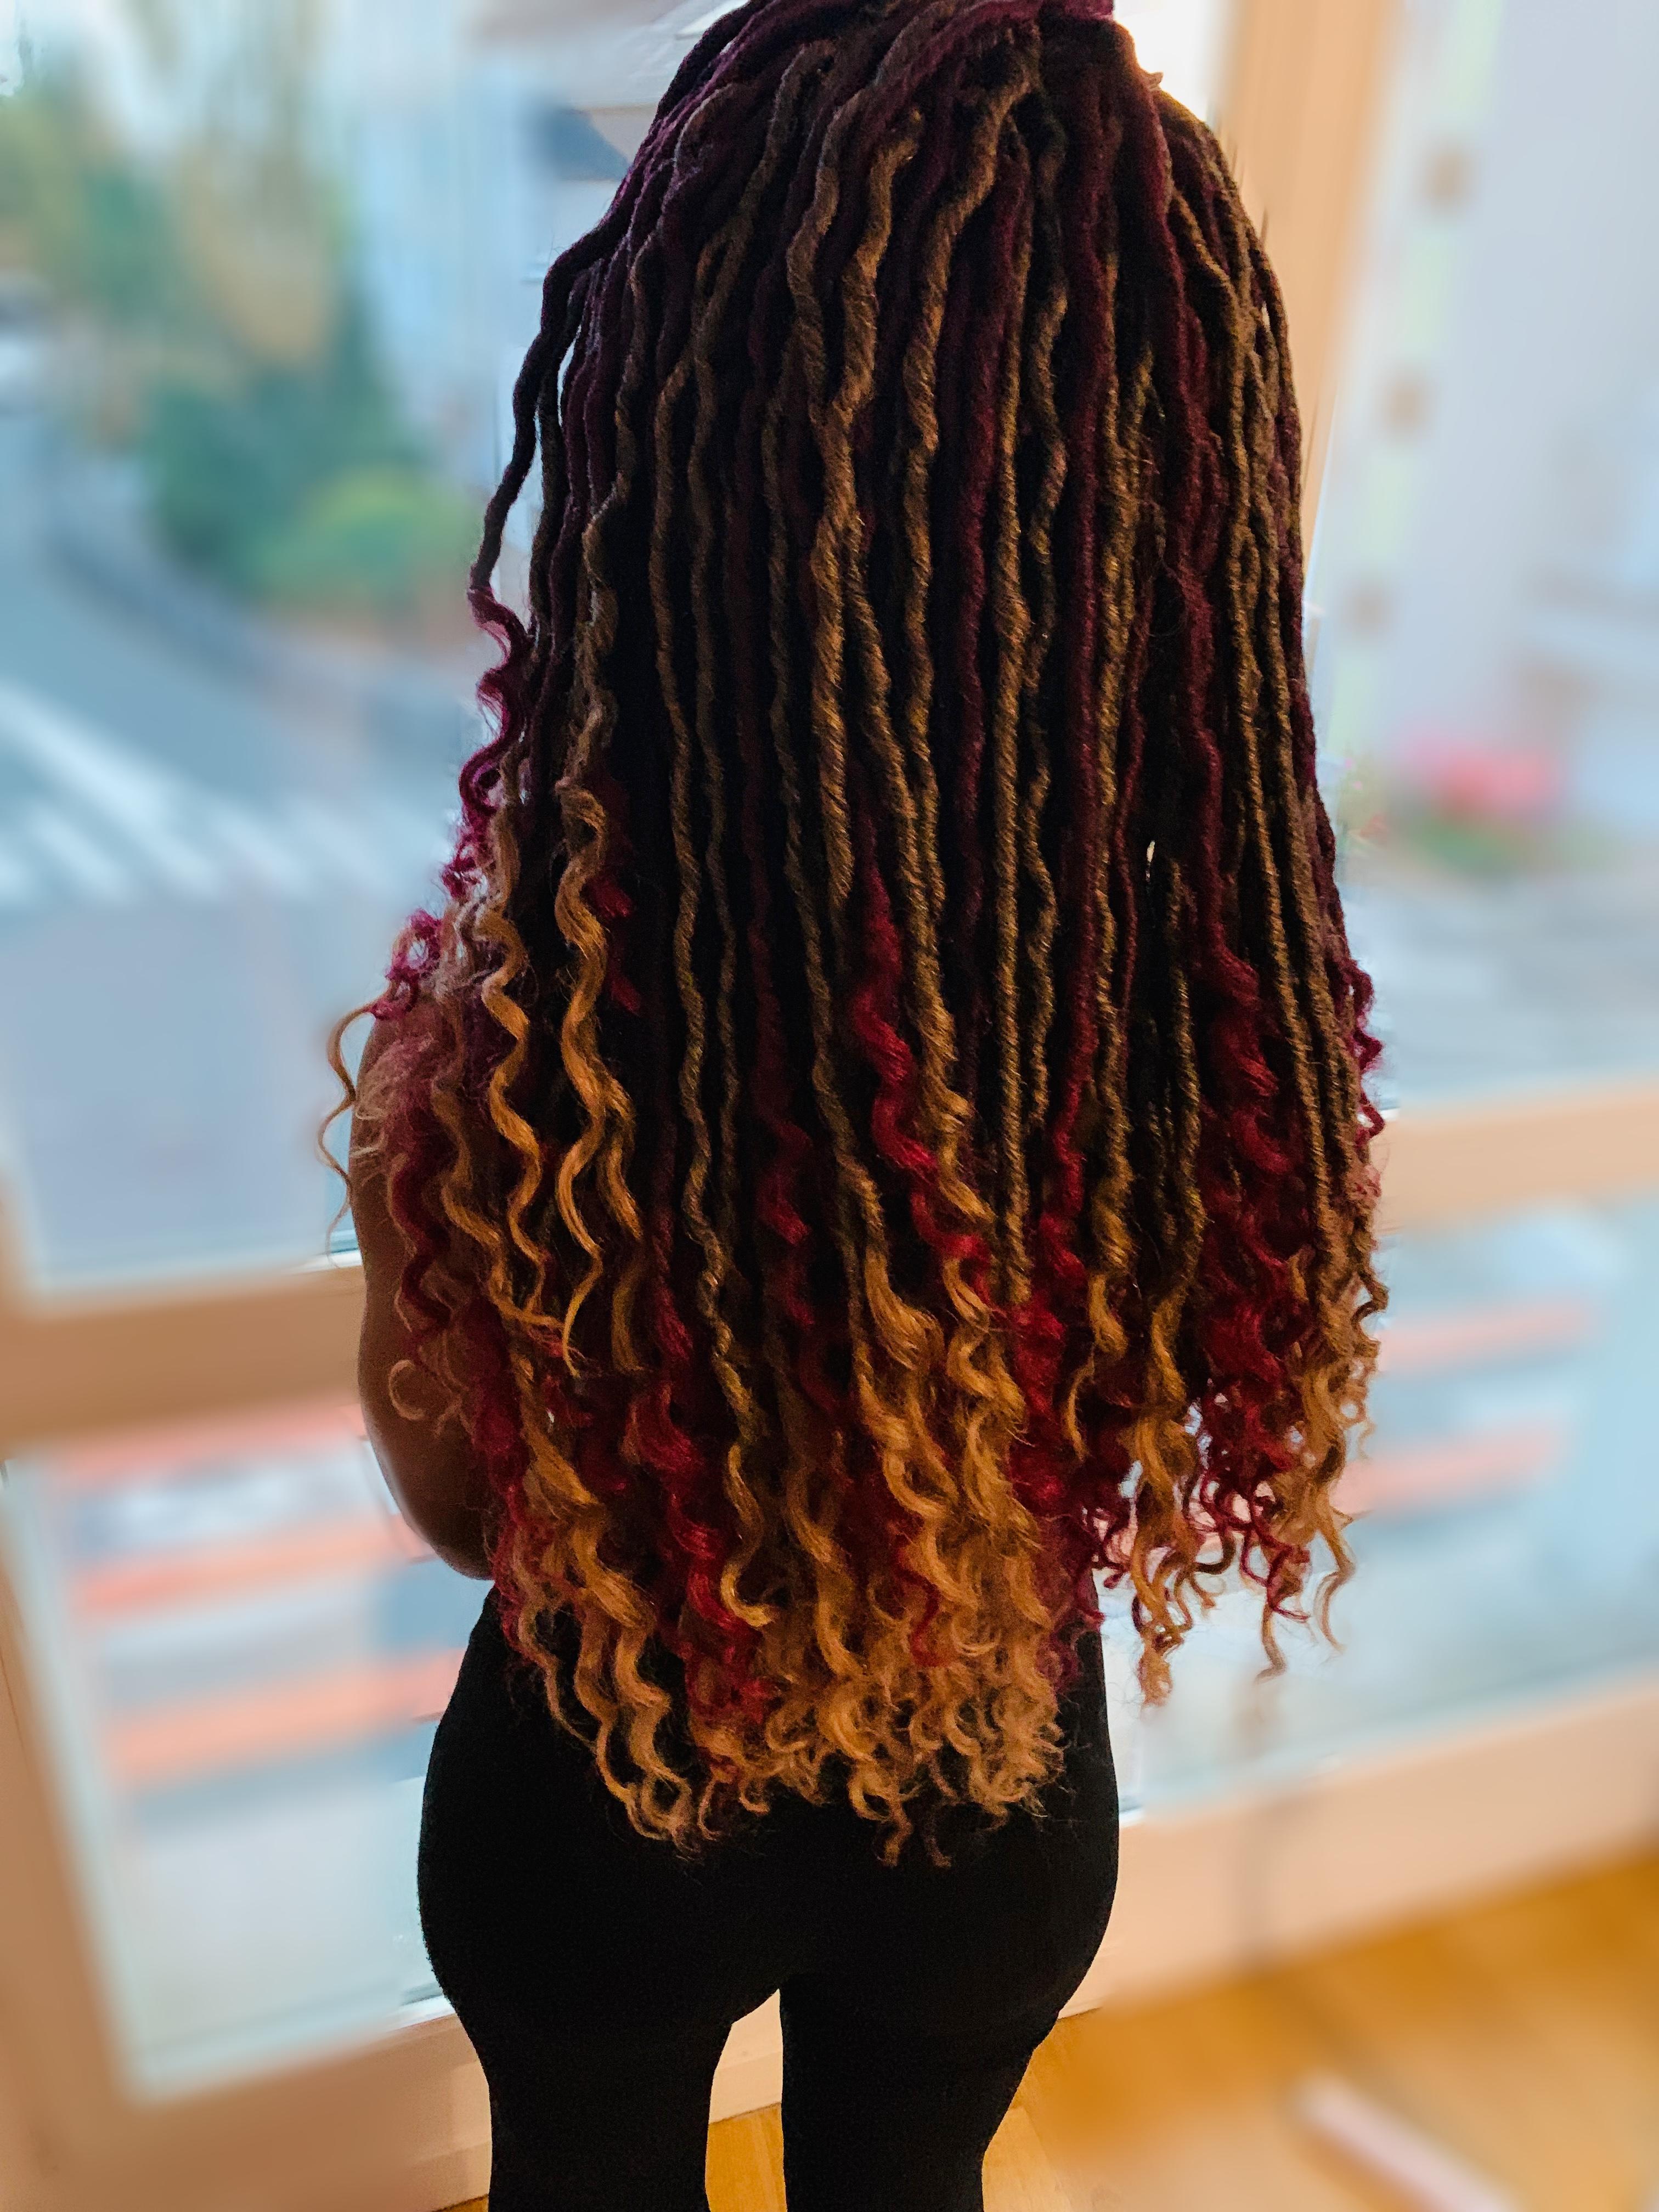 salon de coiffure afro tresse tresses box braids crochet braids vanilles tissages paris 75 77 78 91 92 93 94 95 NIRRVLYO